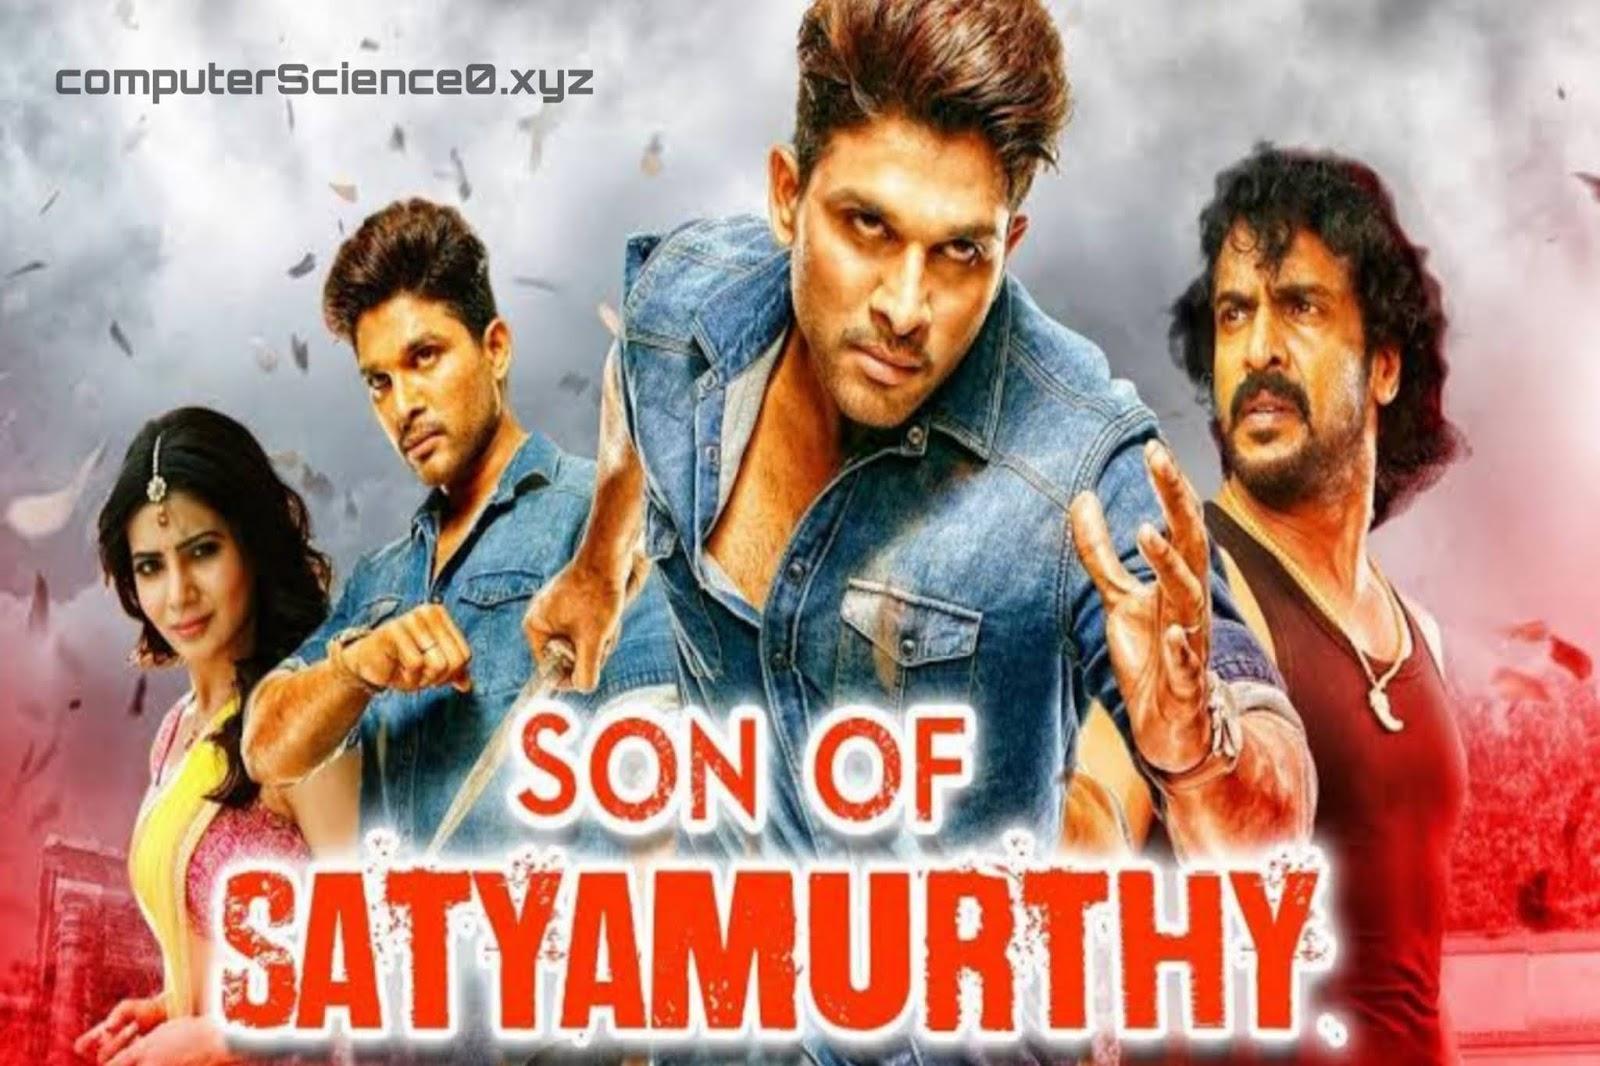 S/O Satyamurthy Allu Arjun's Top 19 movies of all time